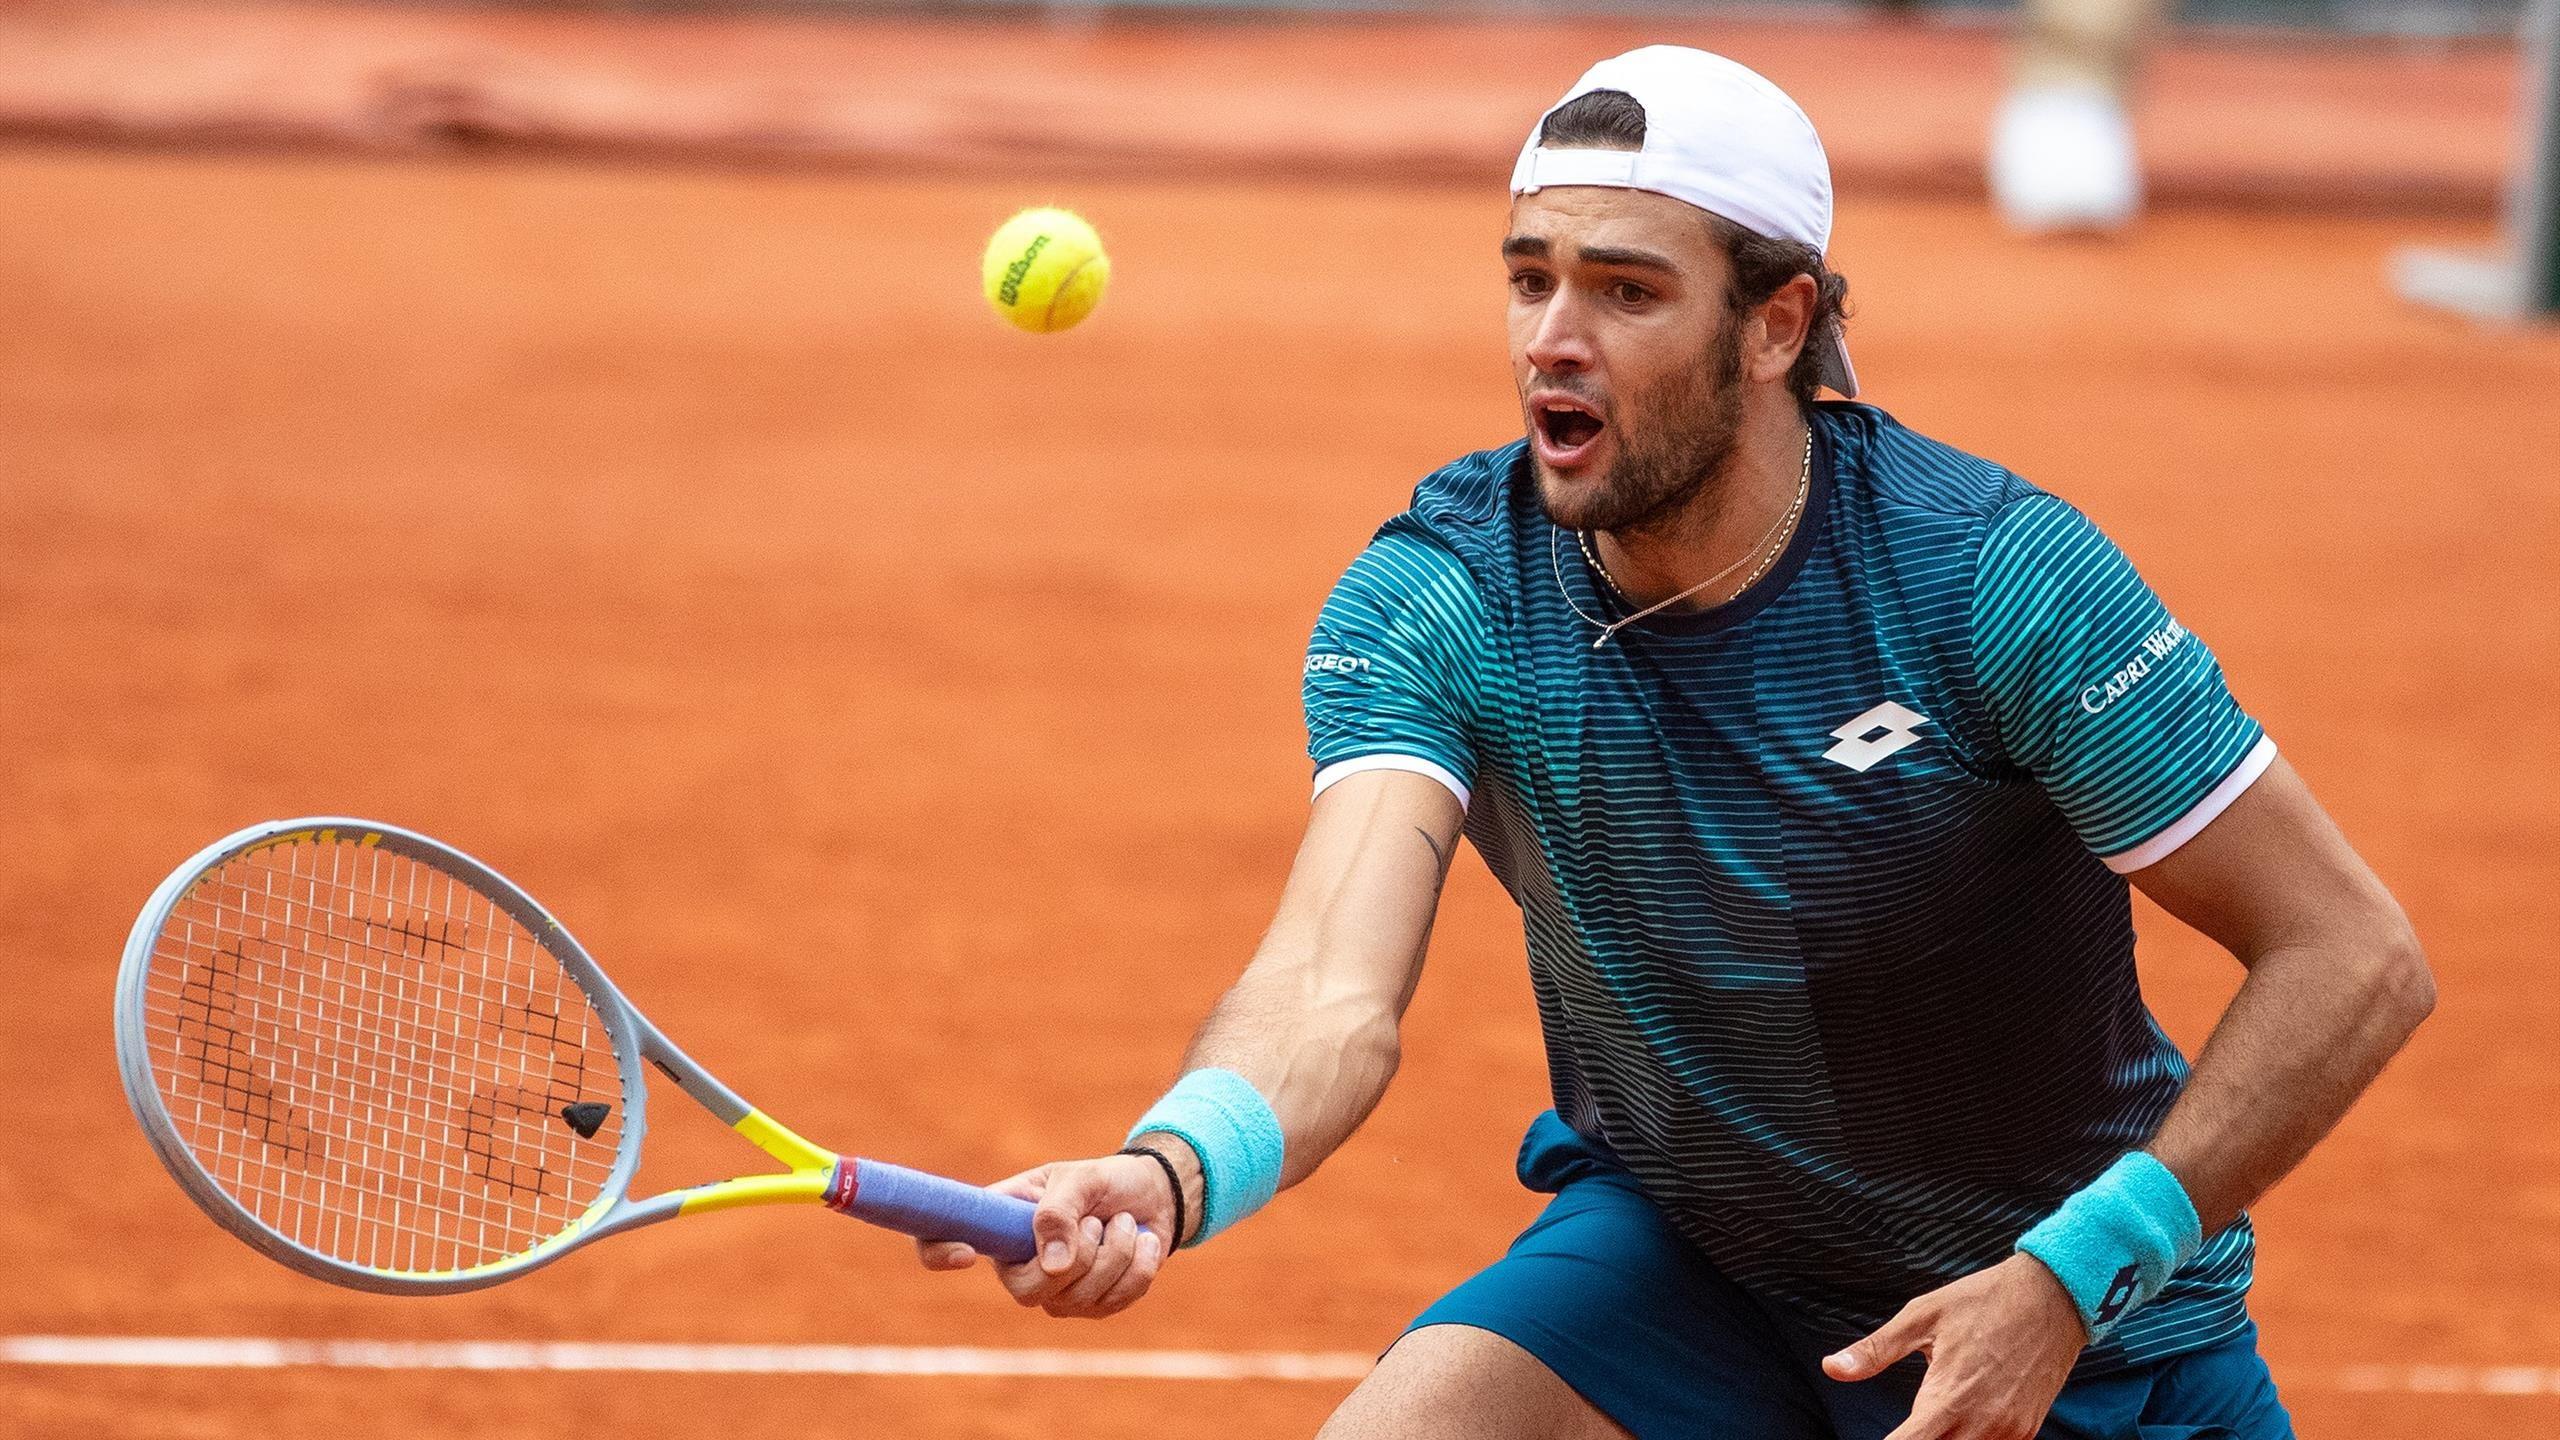 2980820 61172148 2560 1440 - ATP Beograd: Berrettini ustavil nalet Karatseva